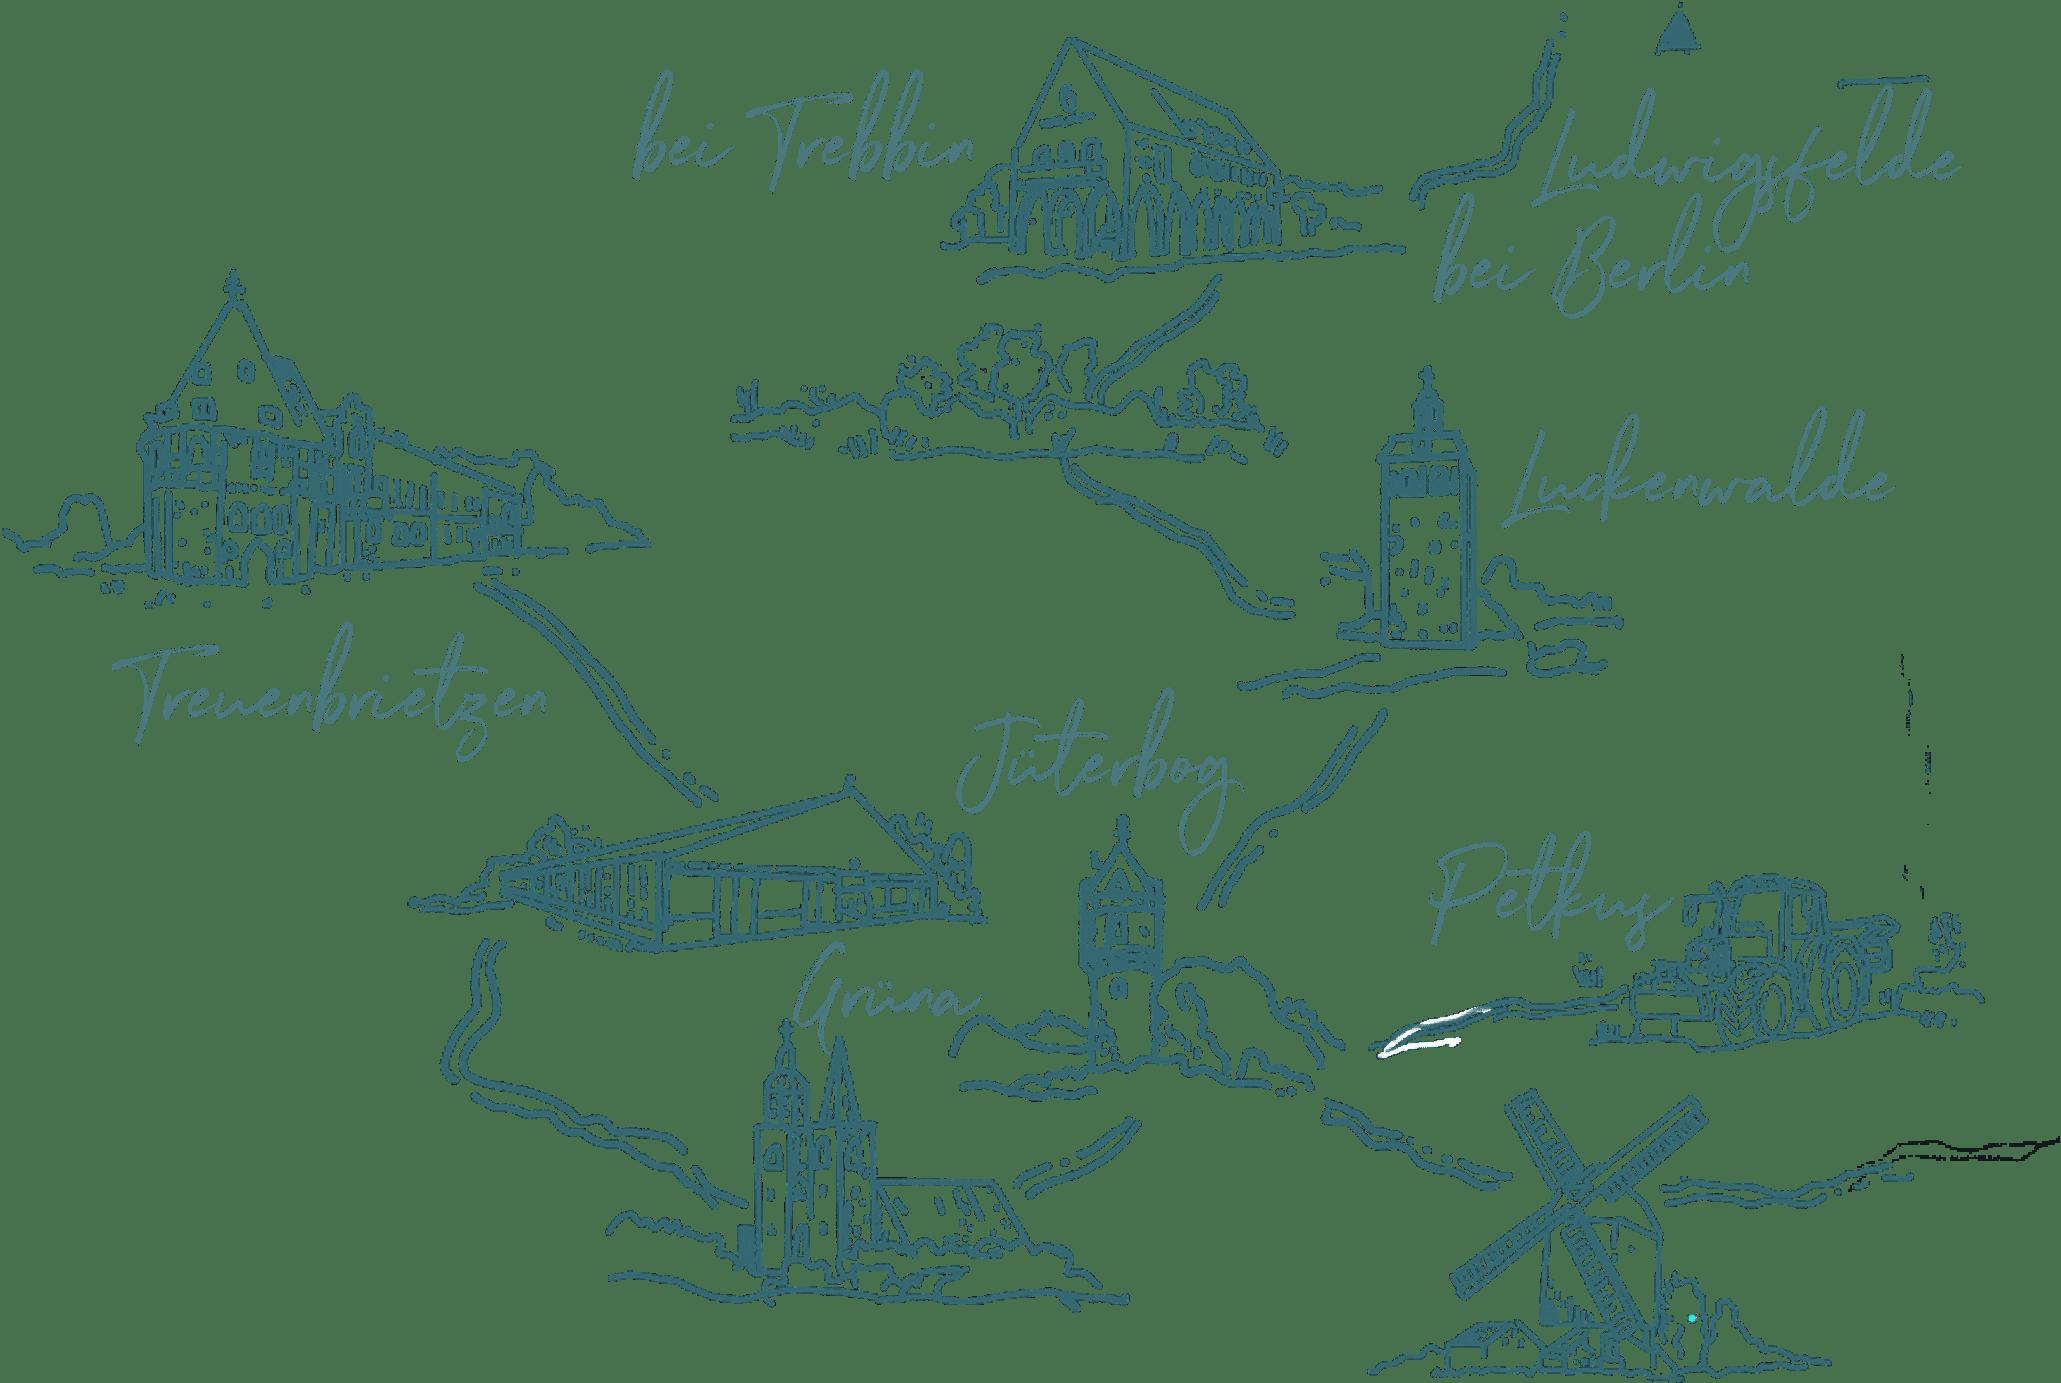 gezeichnete Umgebungskarte Neumarkt Fleischerei